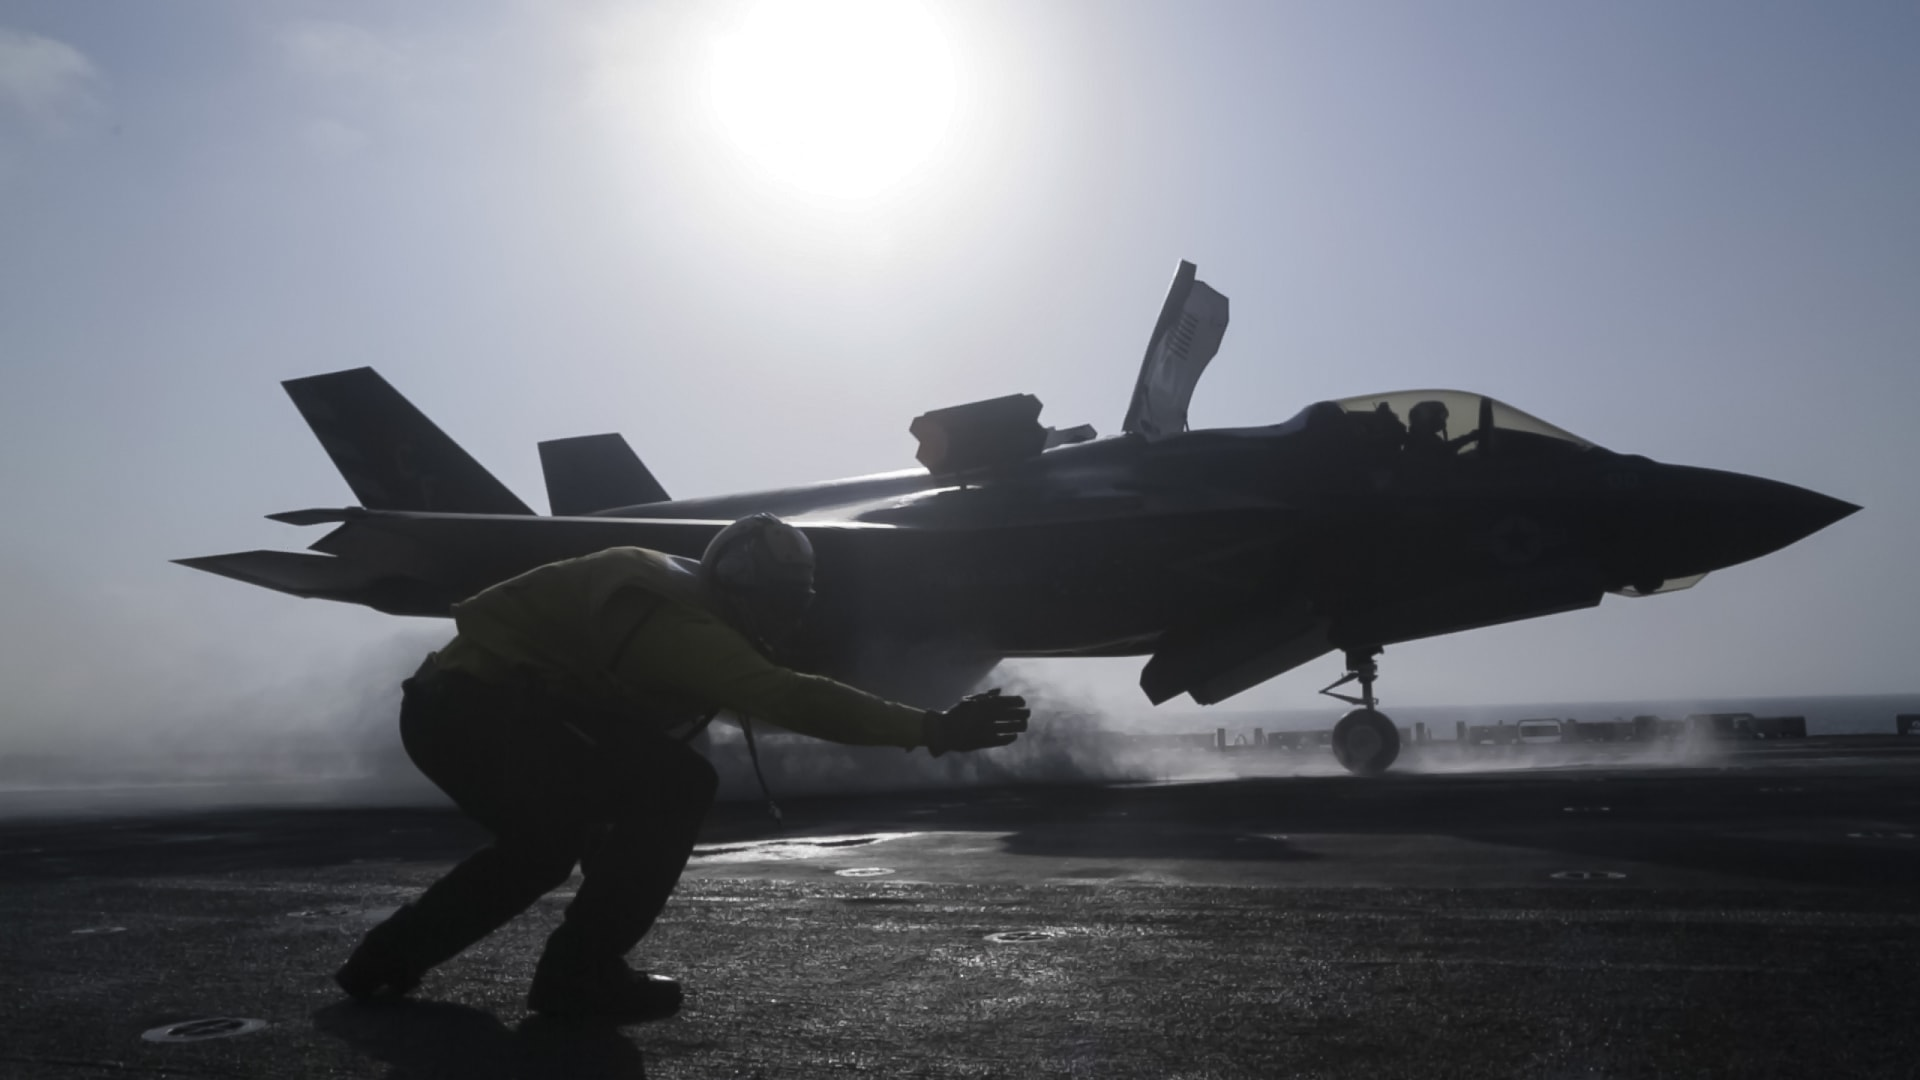 بطائرة مسيرة.. الحرس الثوري الإيراني يرصد تحركات الجيش الأمريكي في الخليج